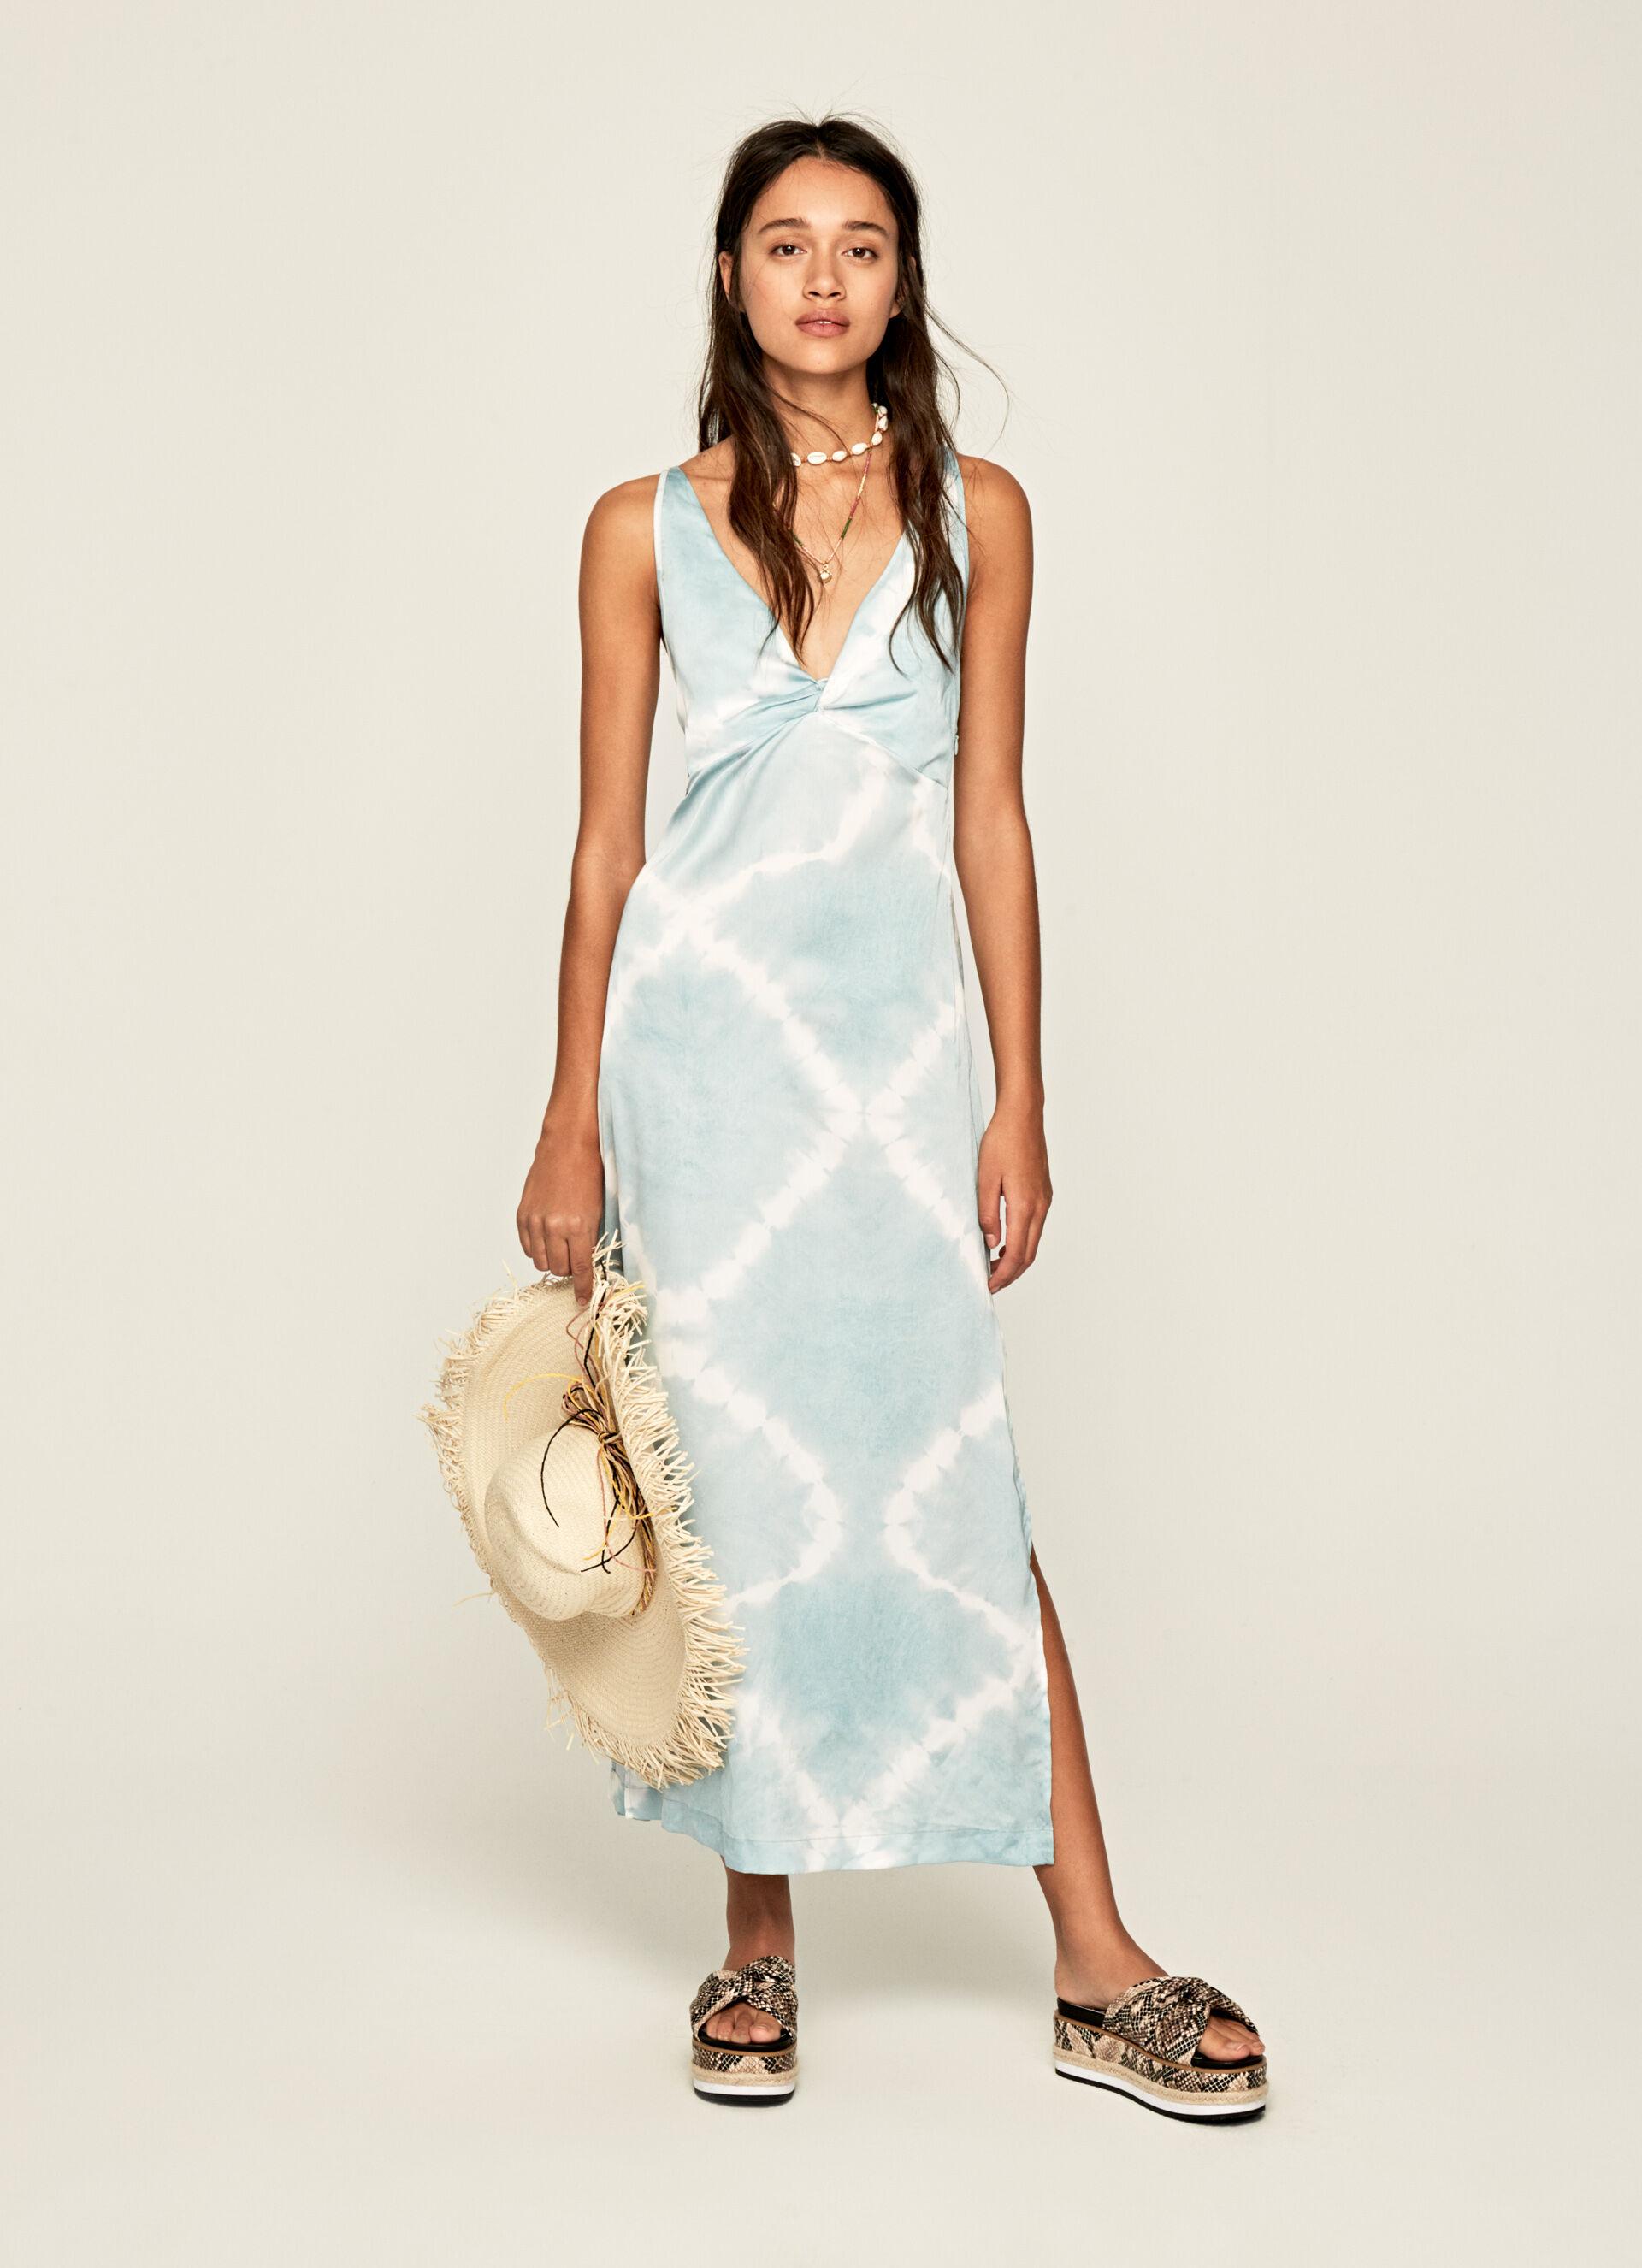 Vestido de alças em tecido acetinado